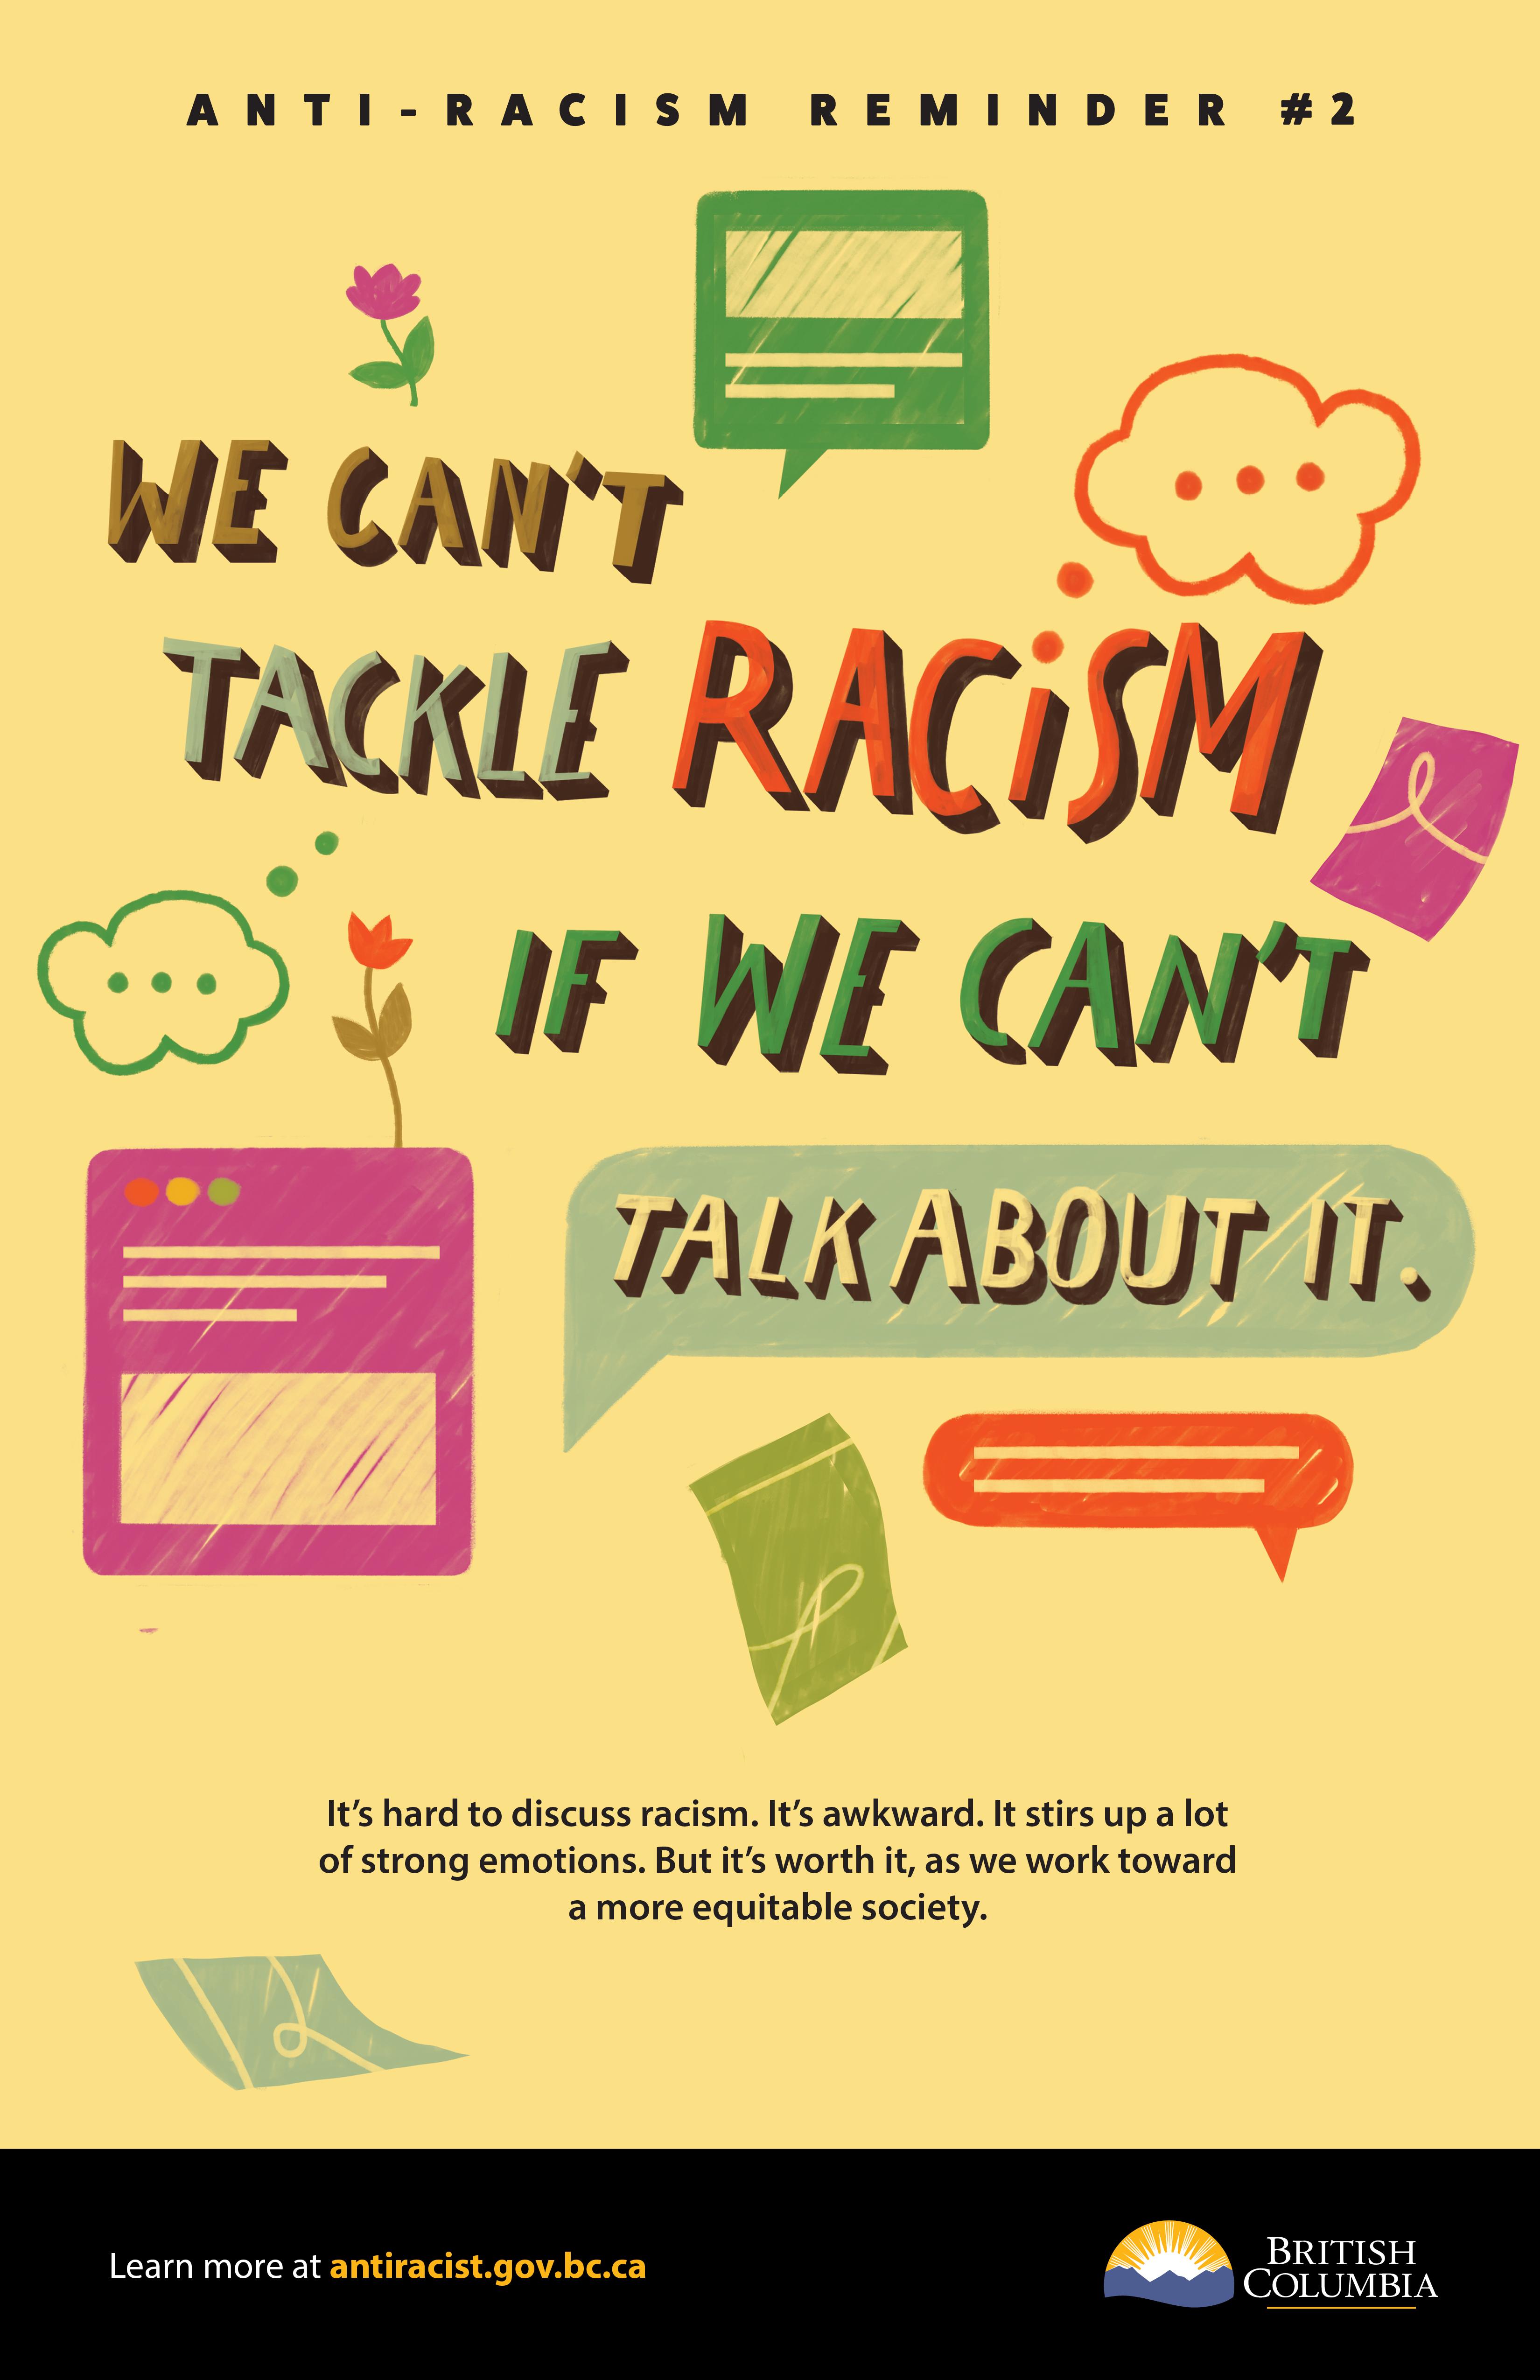 Anti-Racism Reminder #2